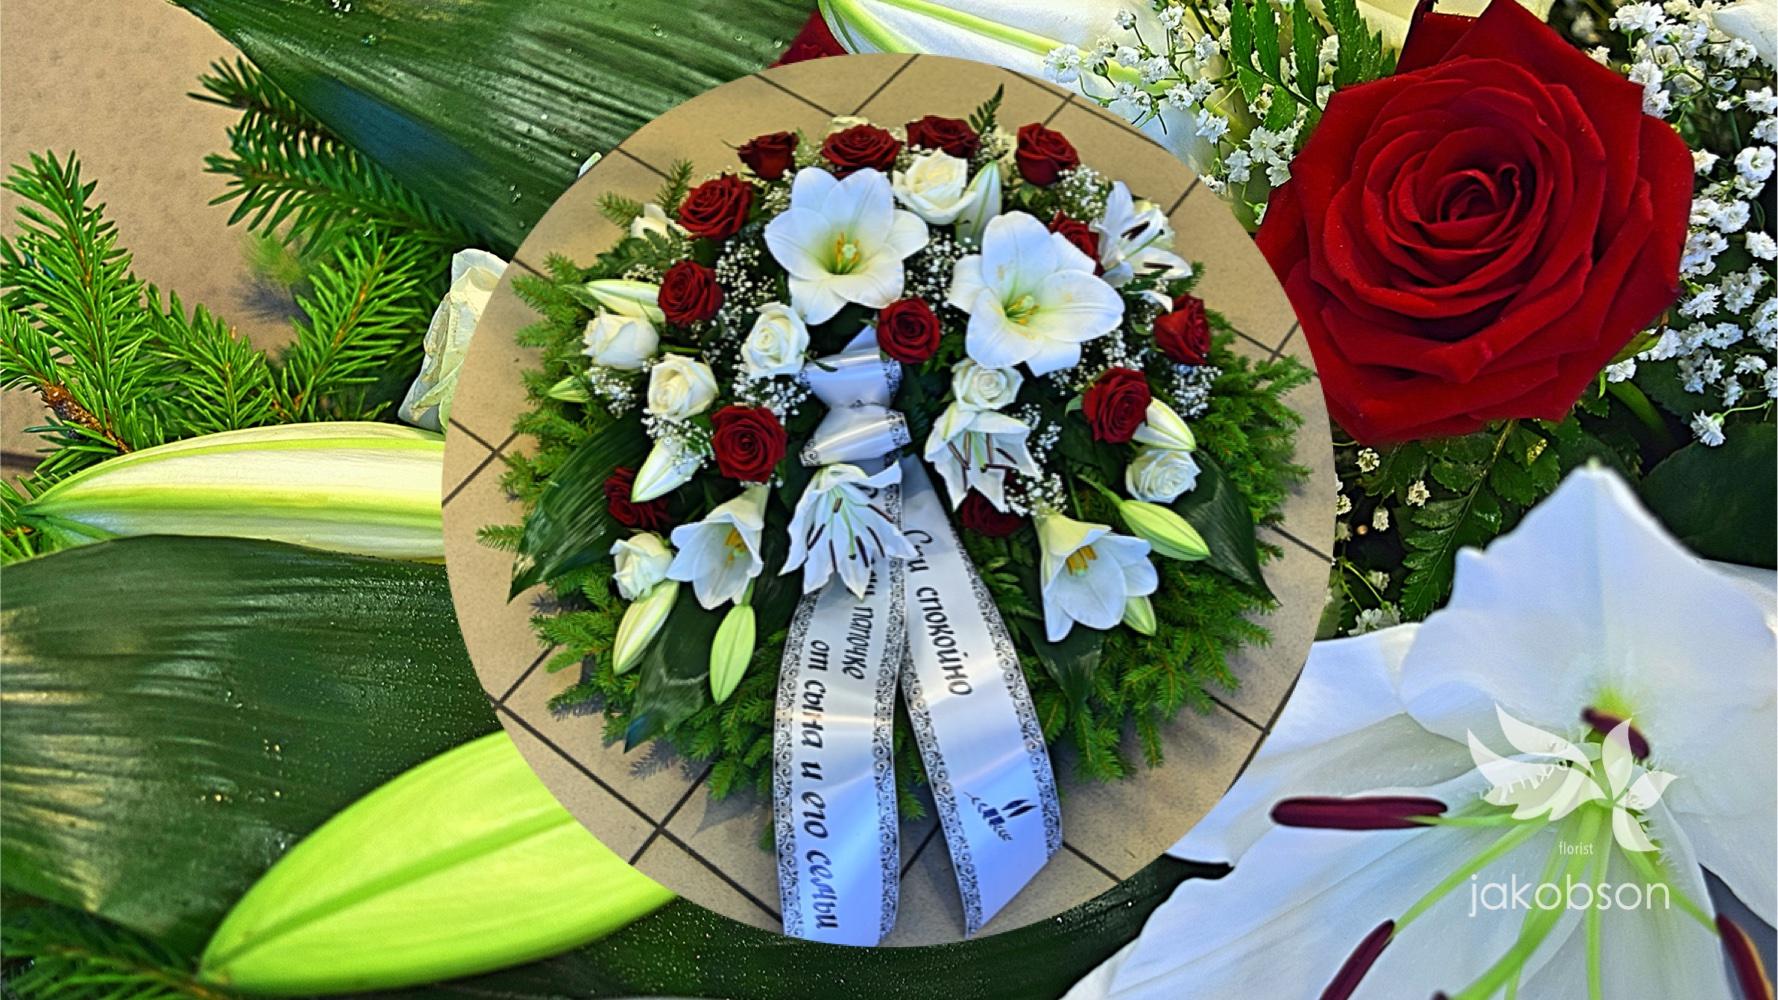 Florist Jakobson - Haapsalu lillepood UUS LILL